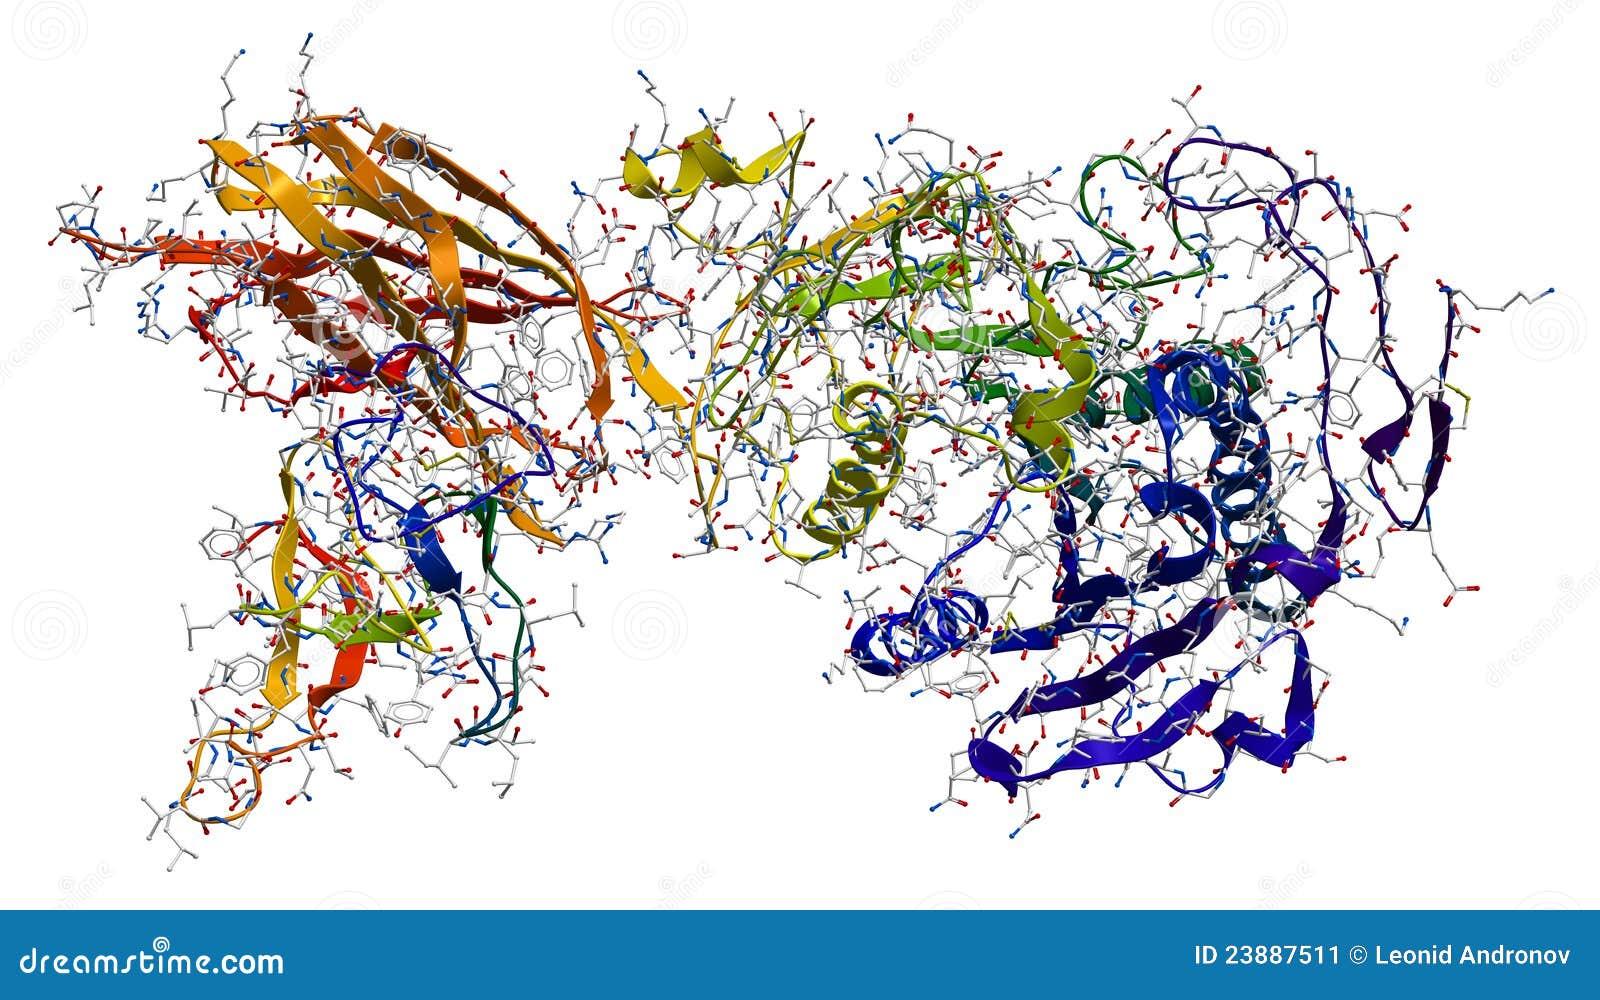 download quantitative proteomics